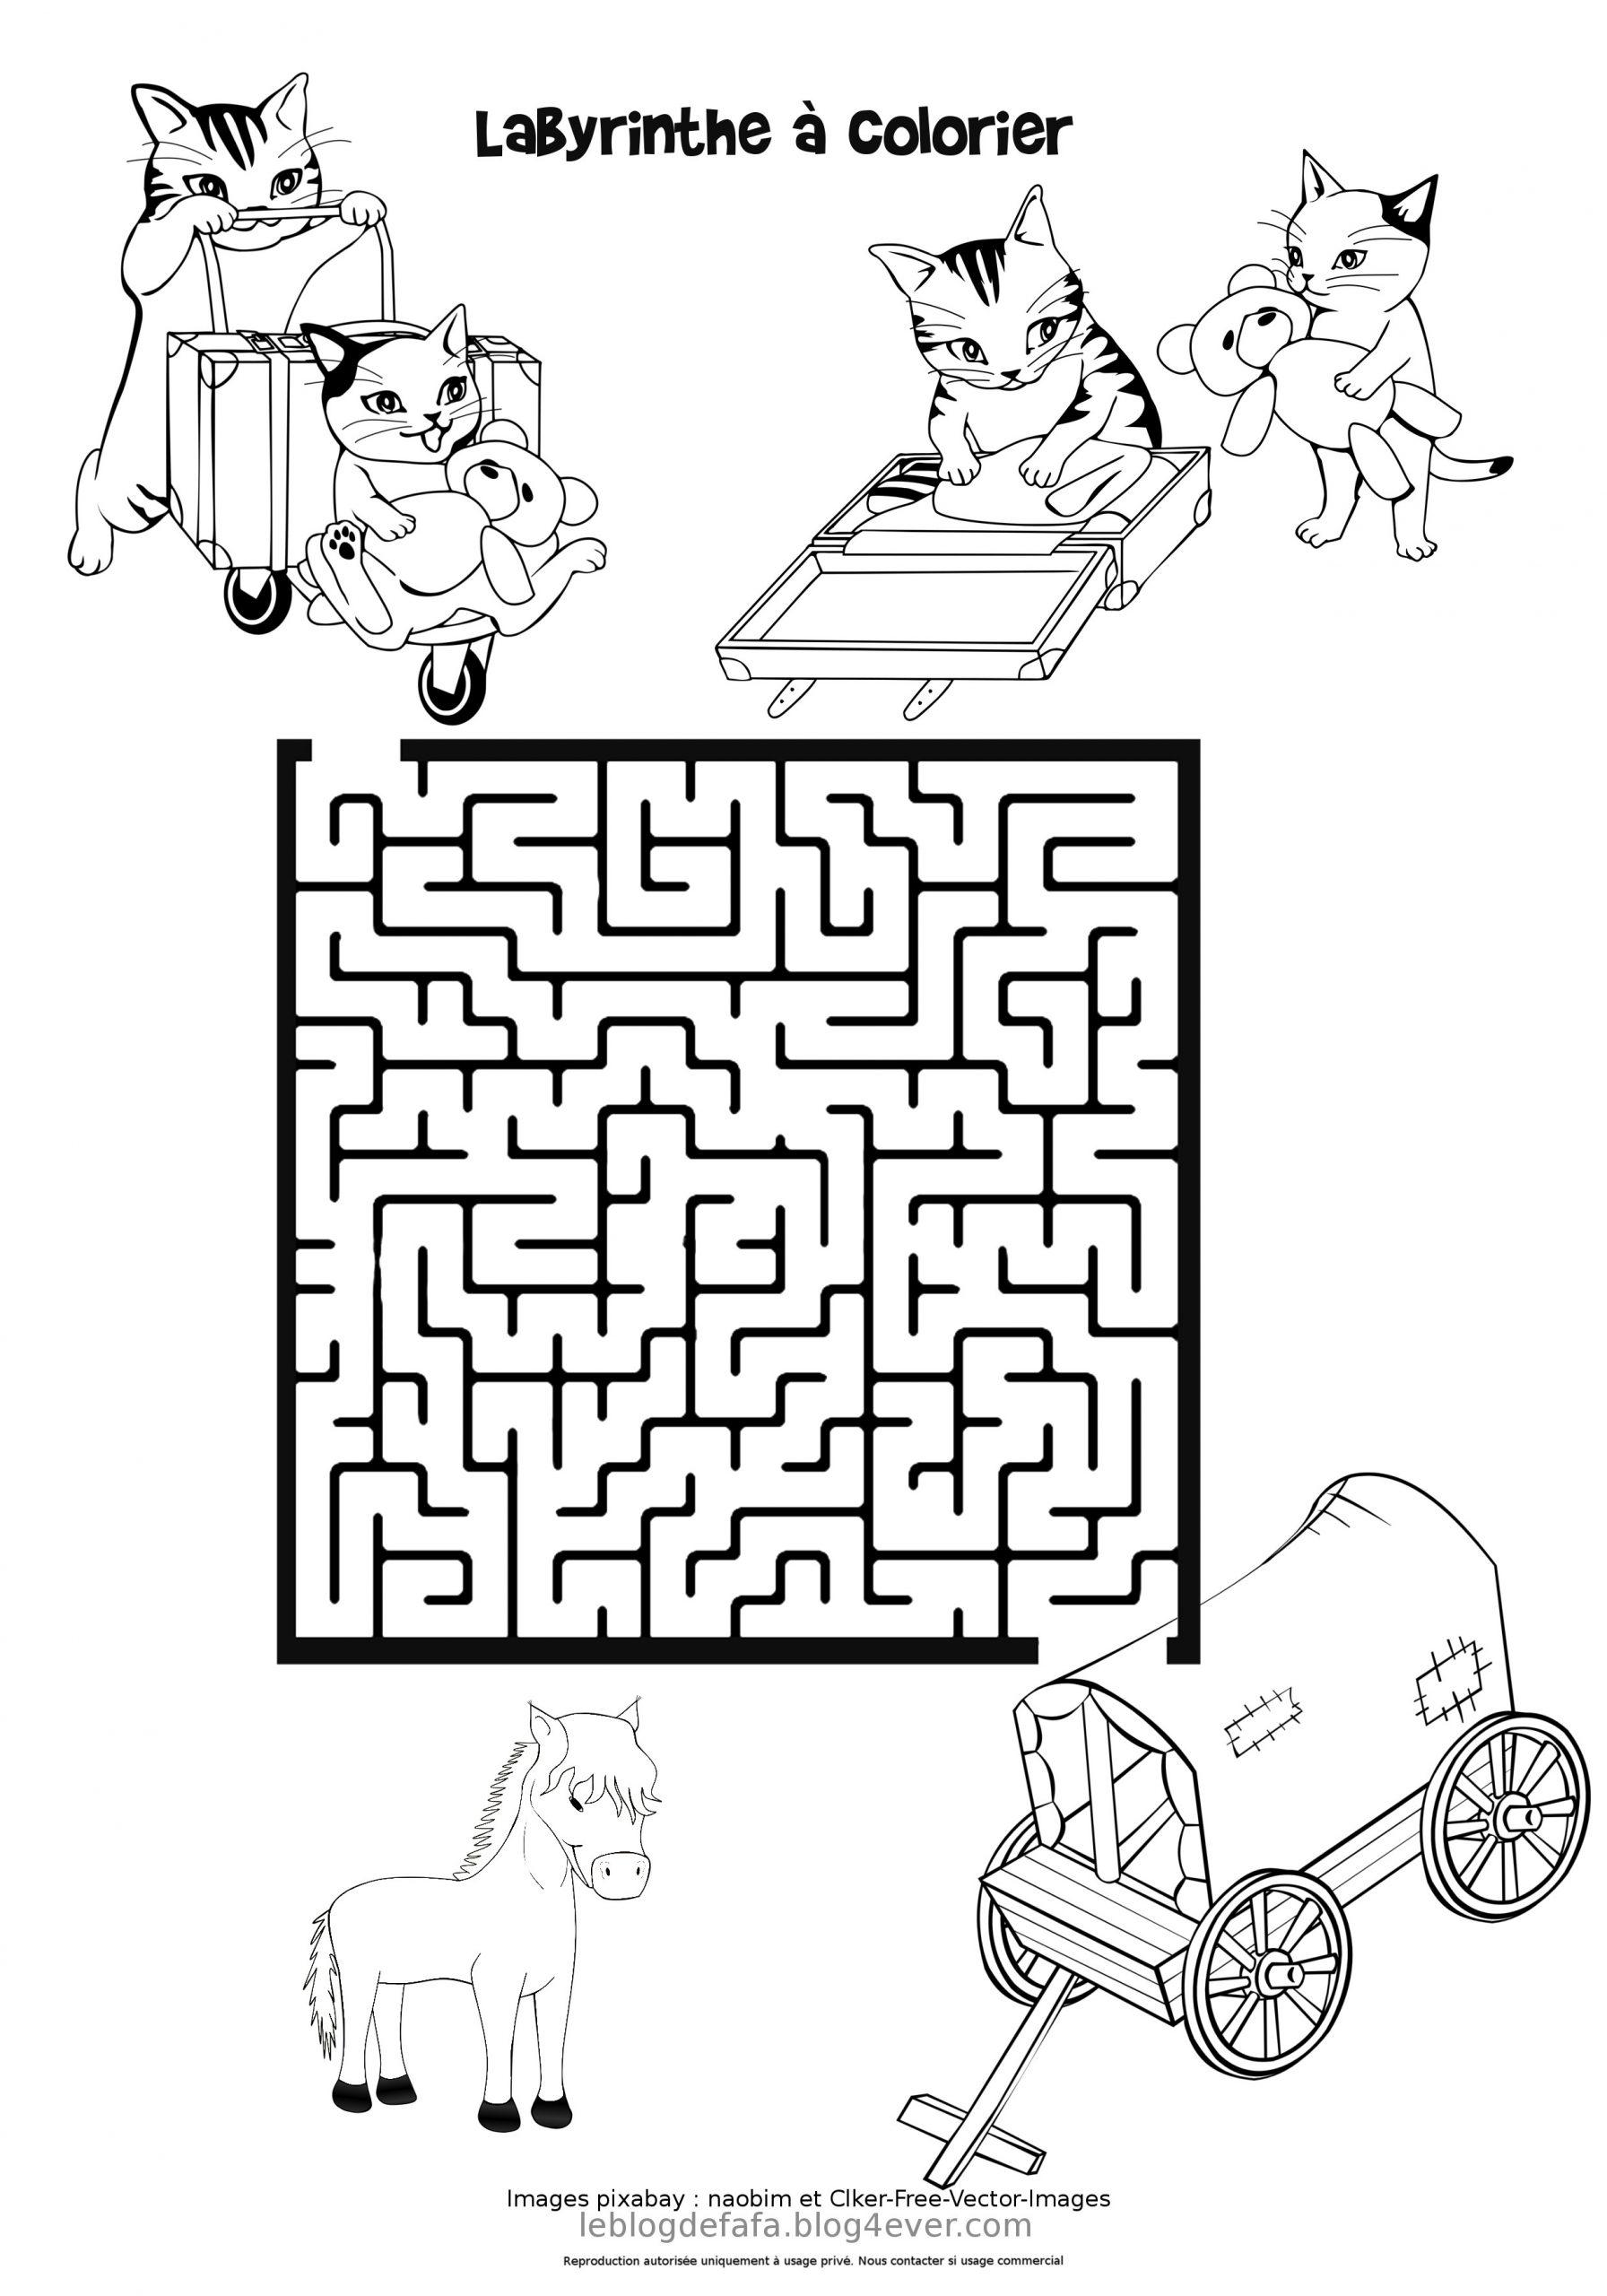 Jeux Chevaux Gratuits À Imprimer : Labyrinthes, Apprendre À encequiconcerne Jeux De Labyrinthe Gratuit